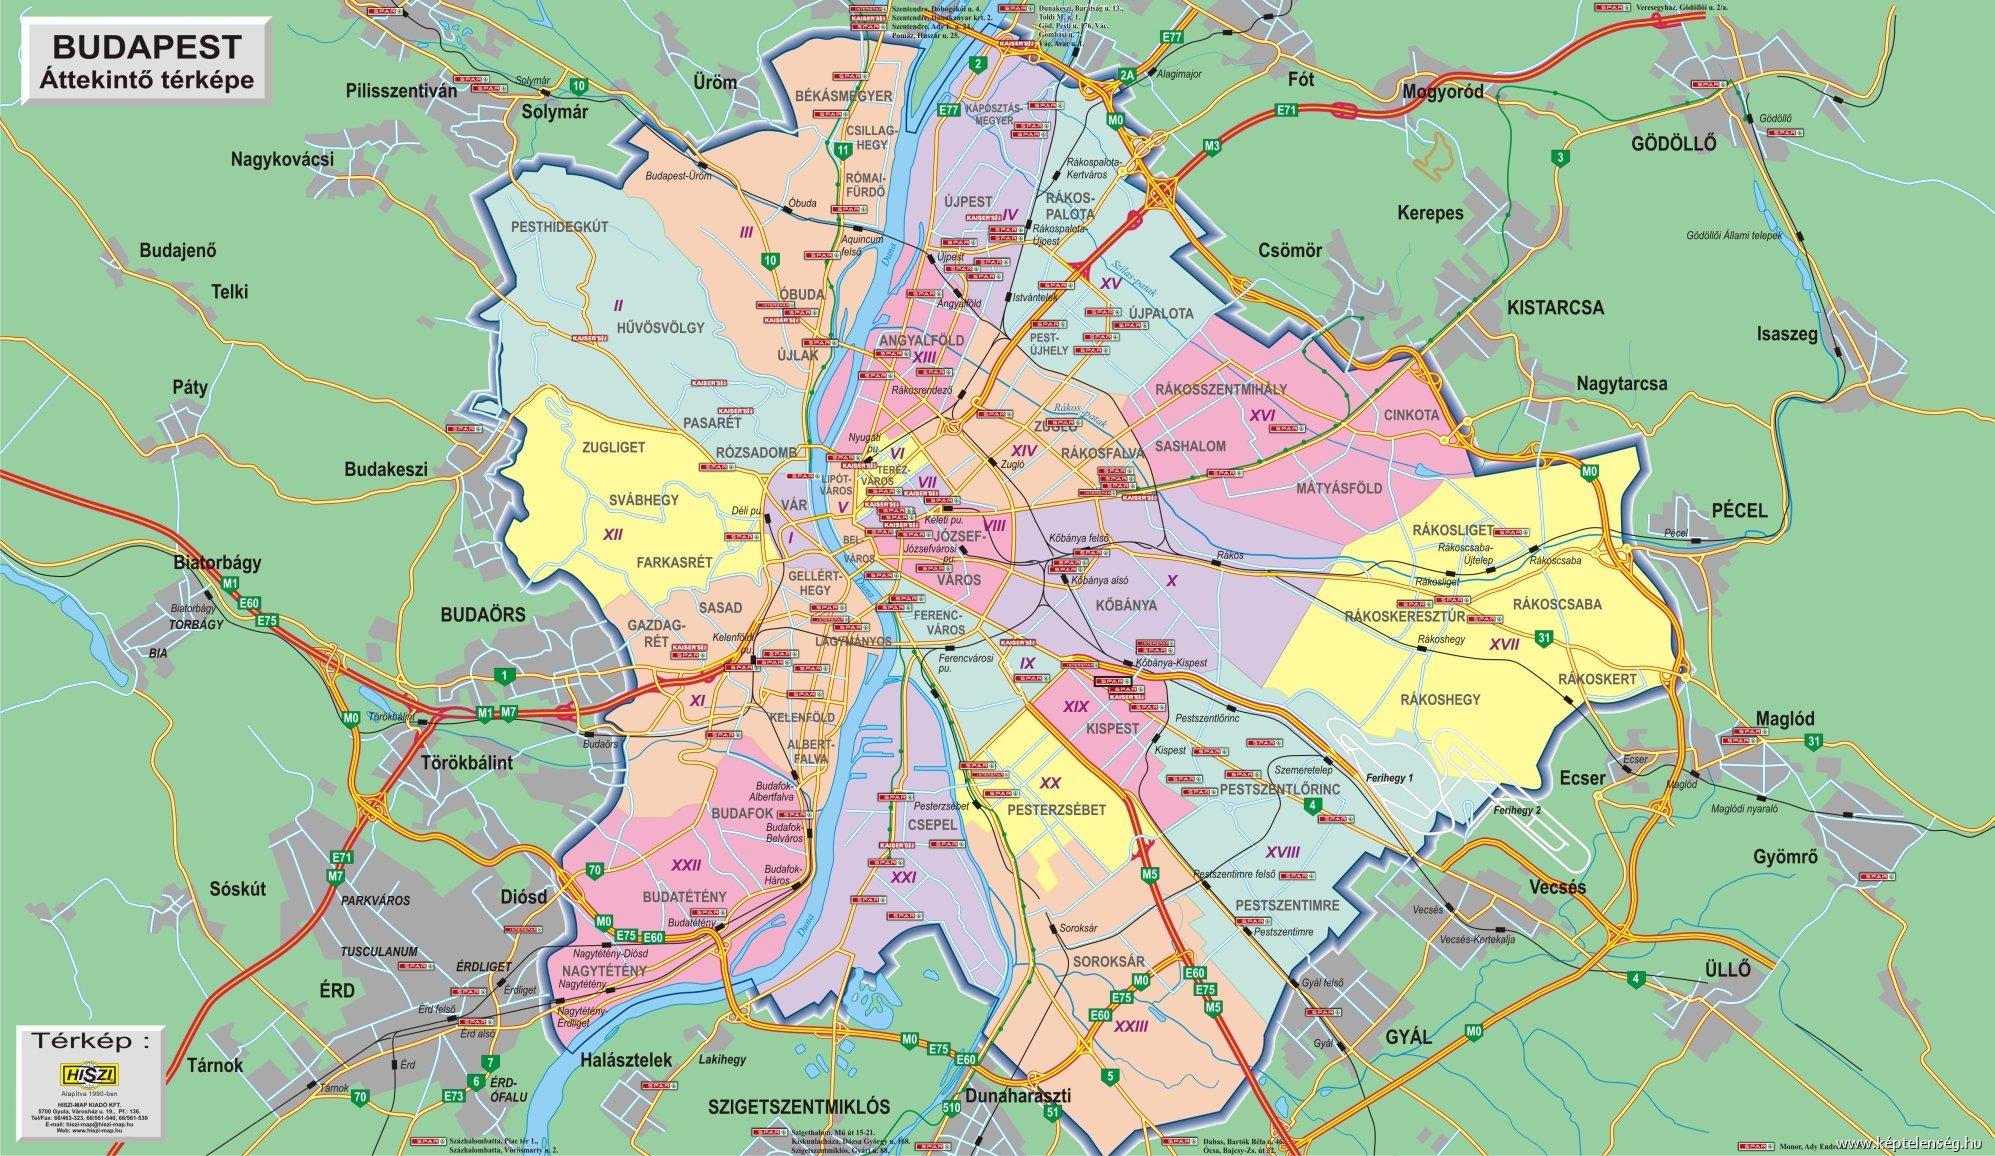 budapesti térkép Kerítés épül Budapest köré | HírCsárda budapesti térkép